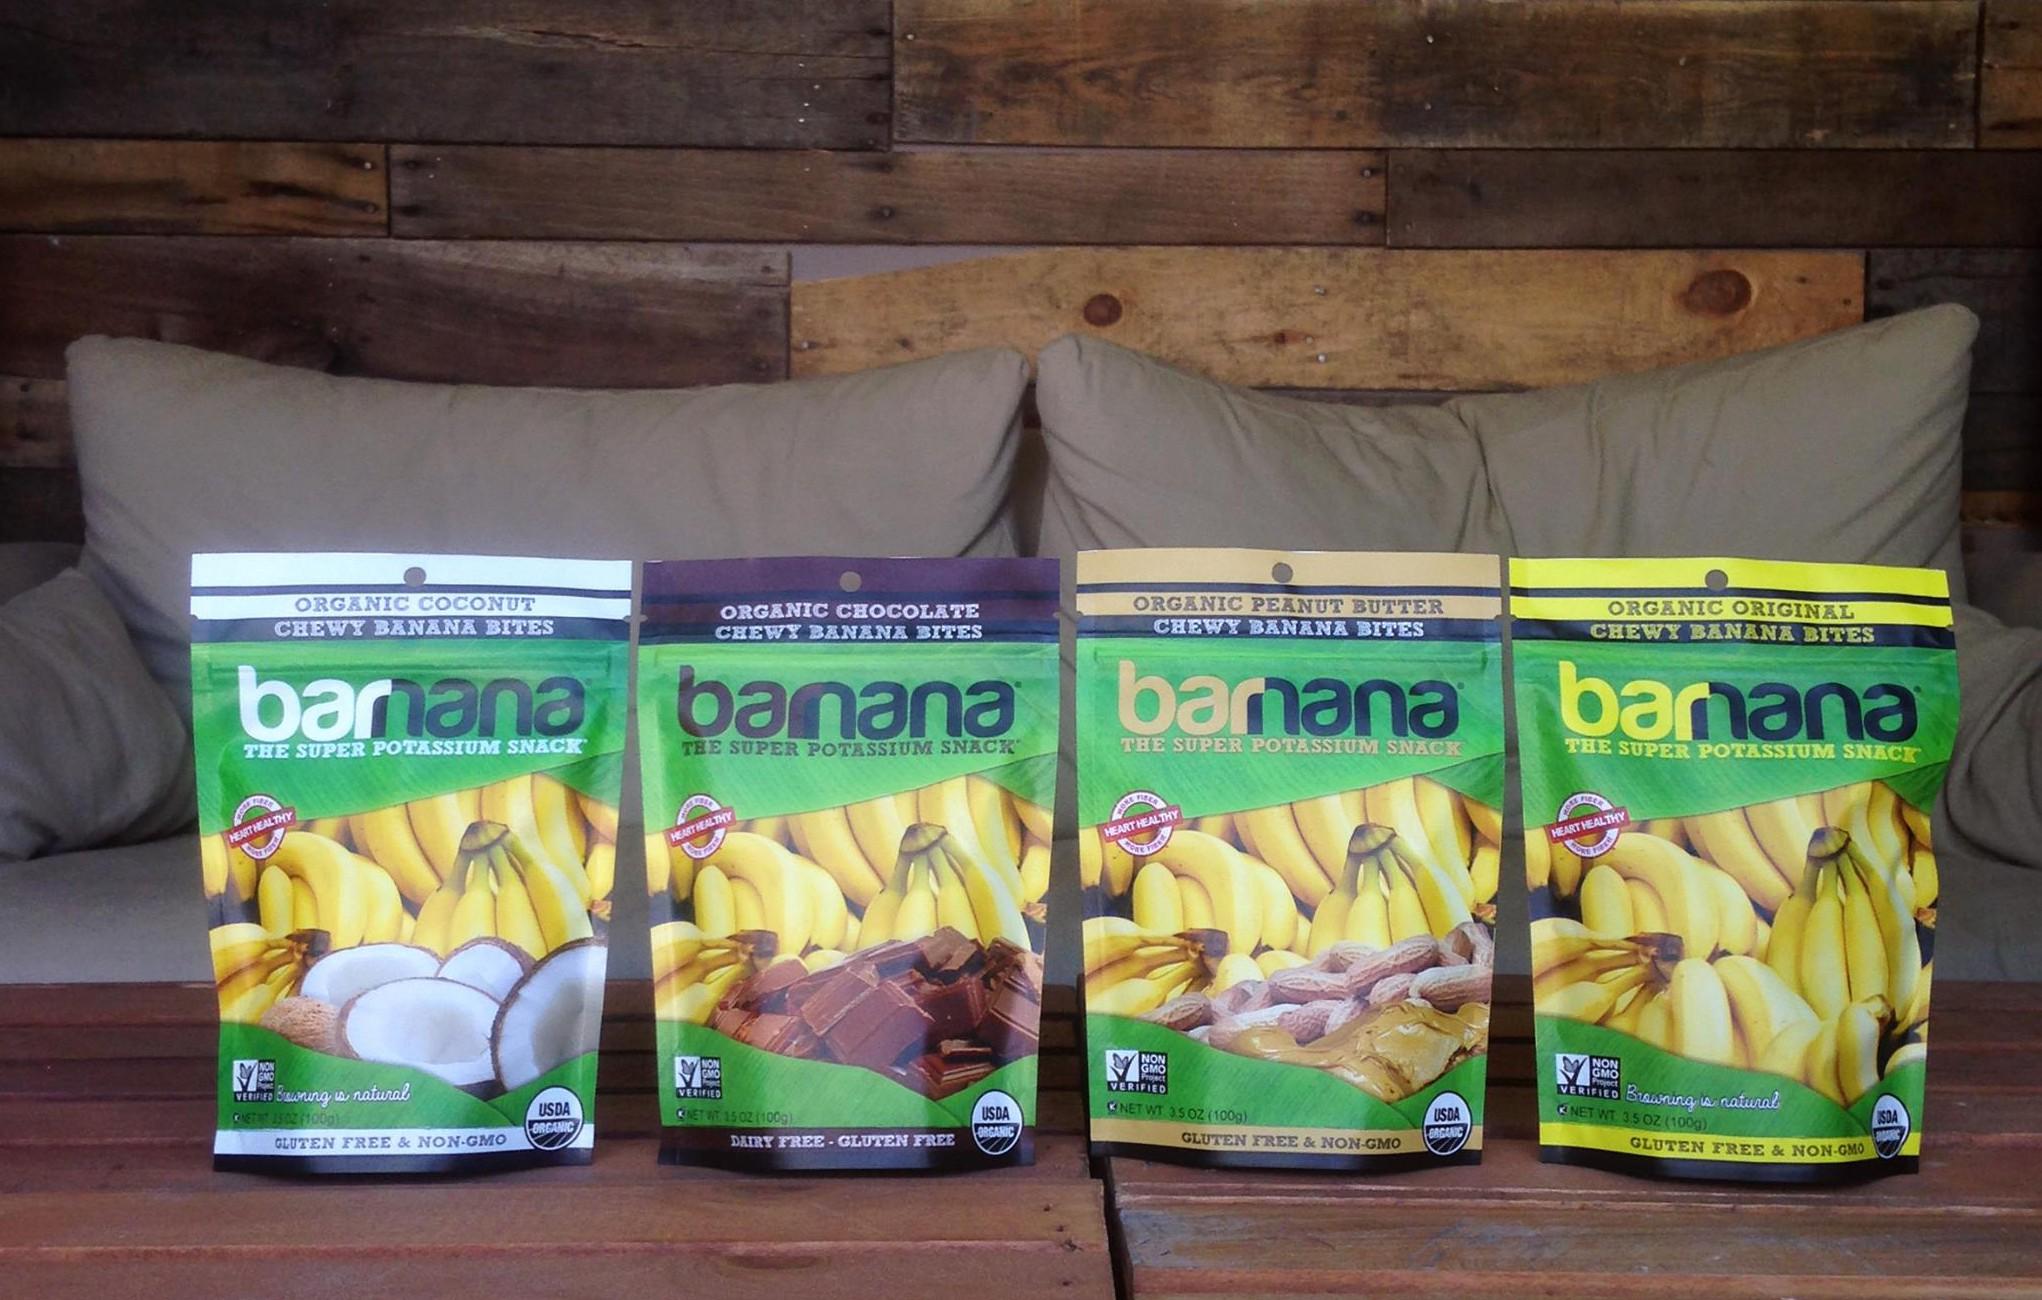 Barnana products